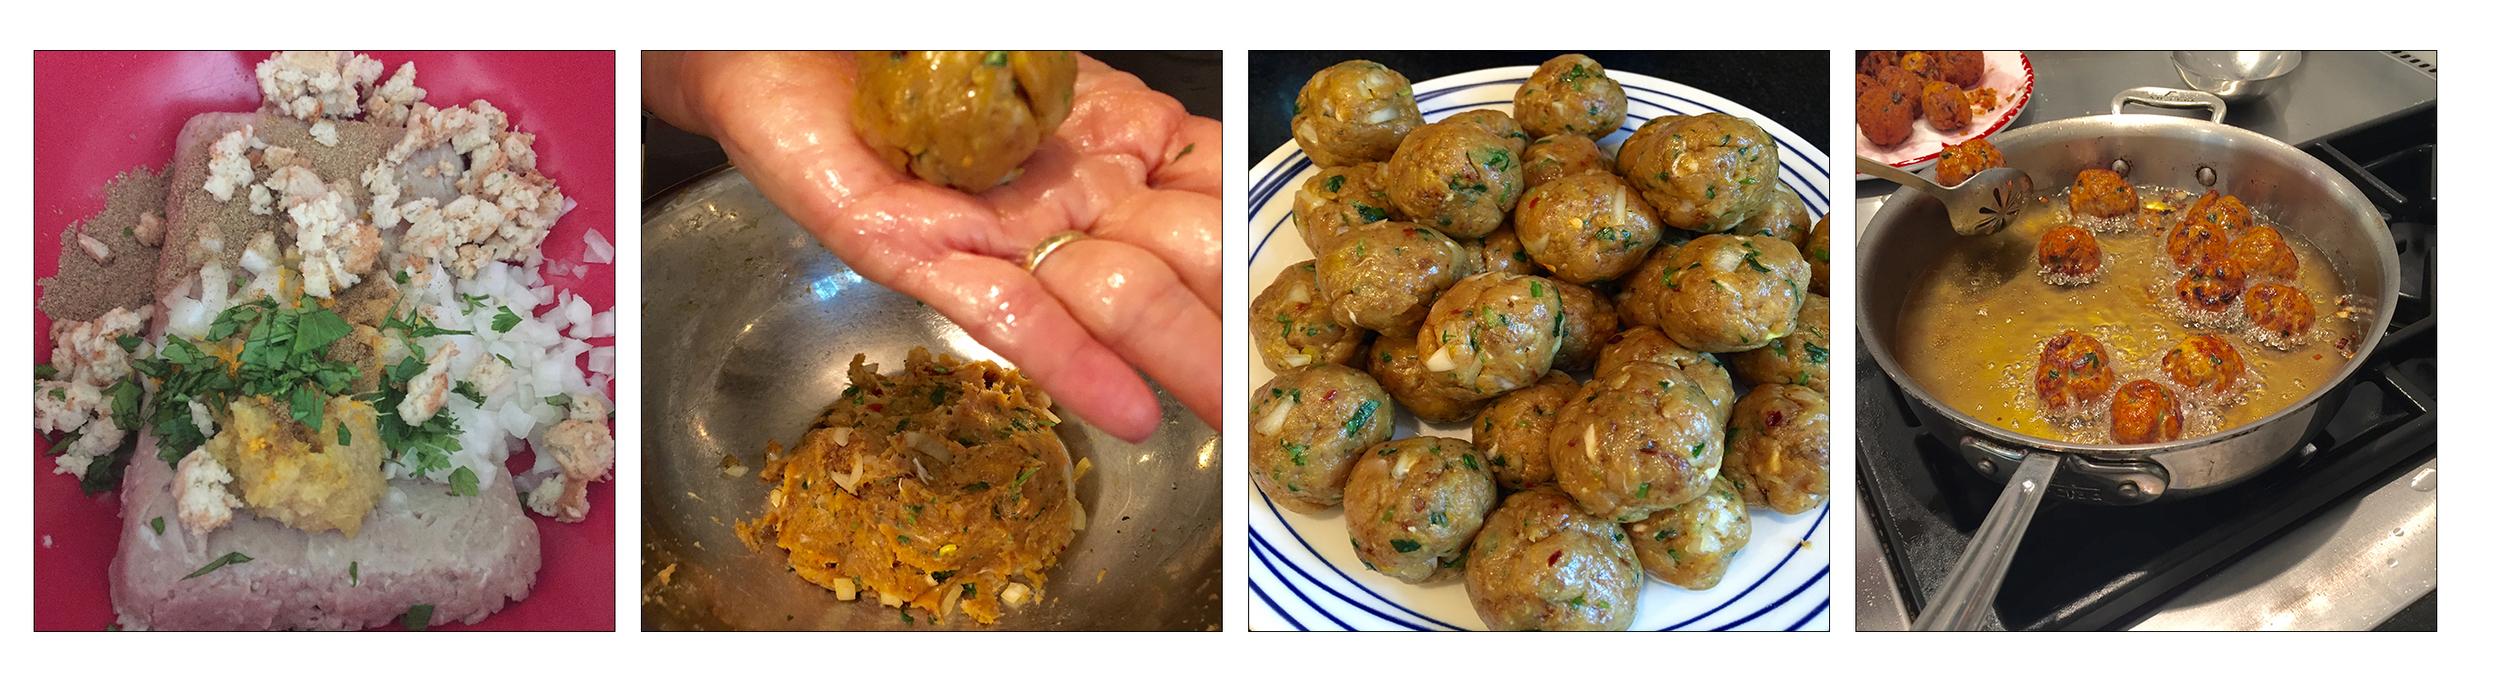 Turket Kebabs, step by step.